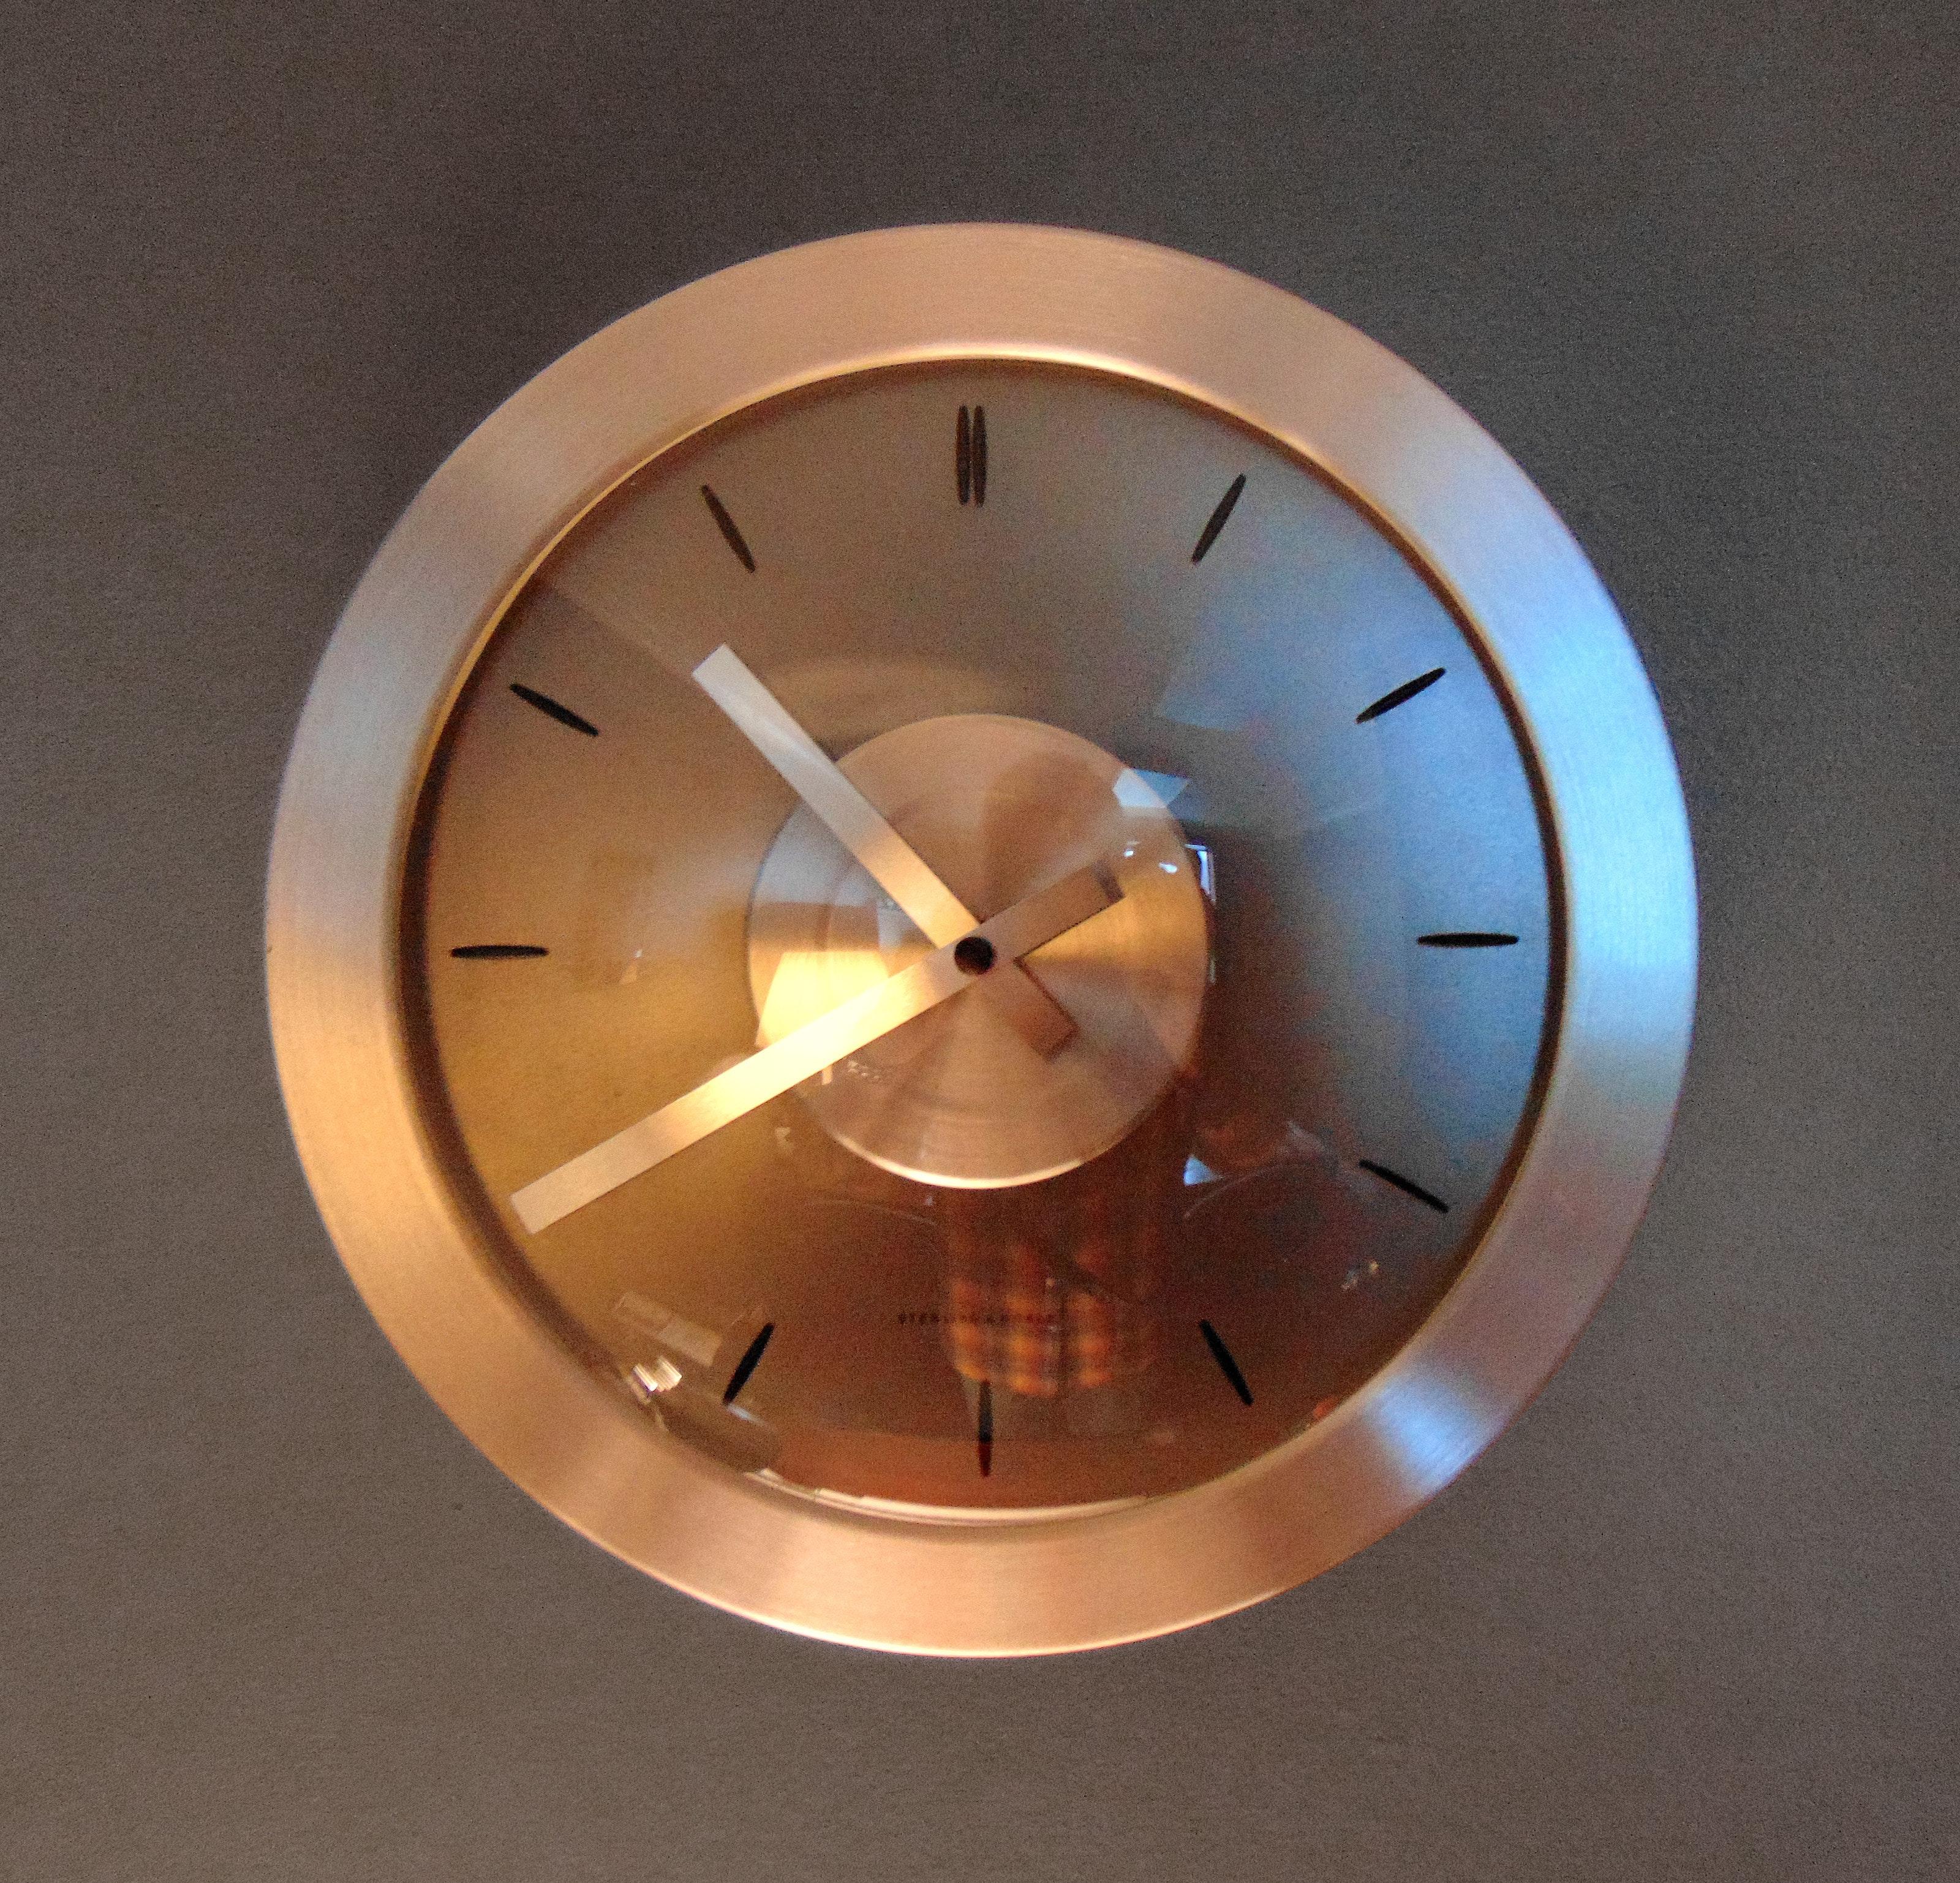 Round bronze analog wall clock photo